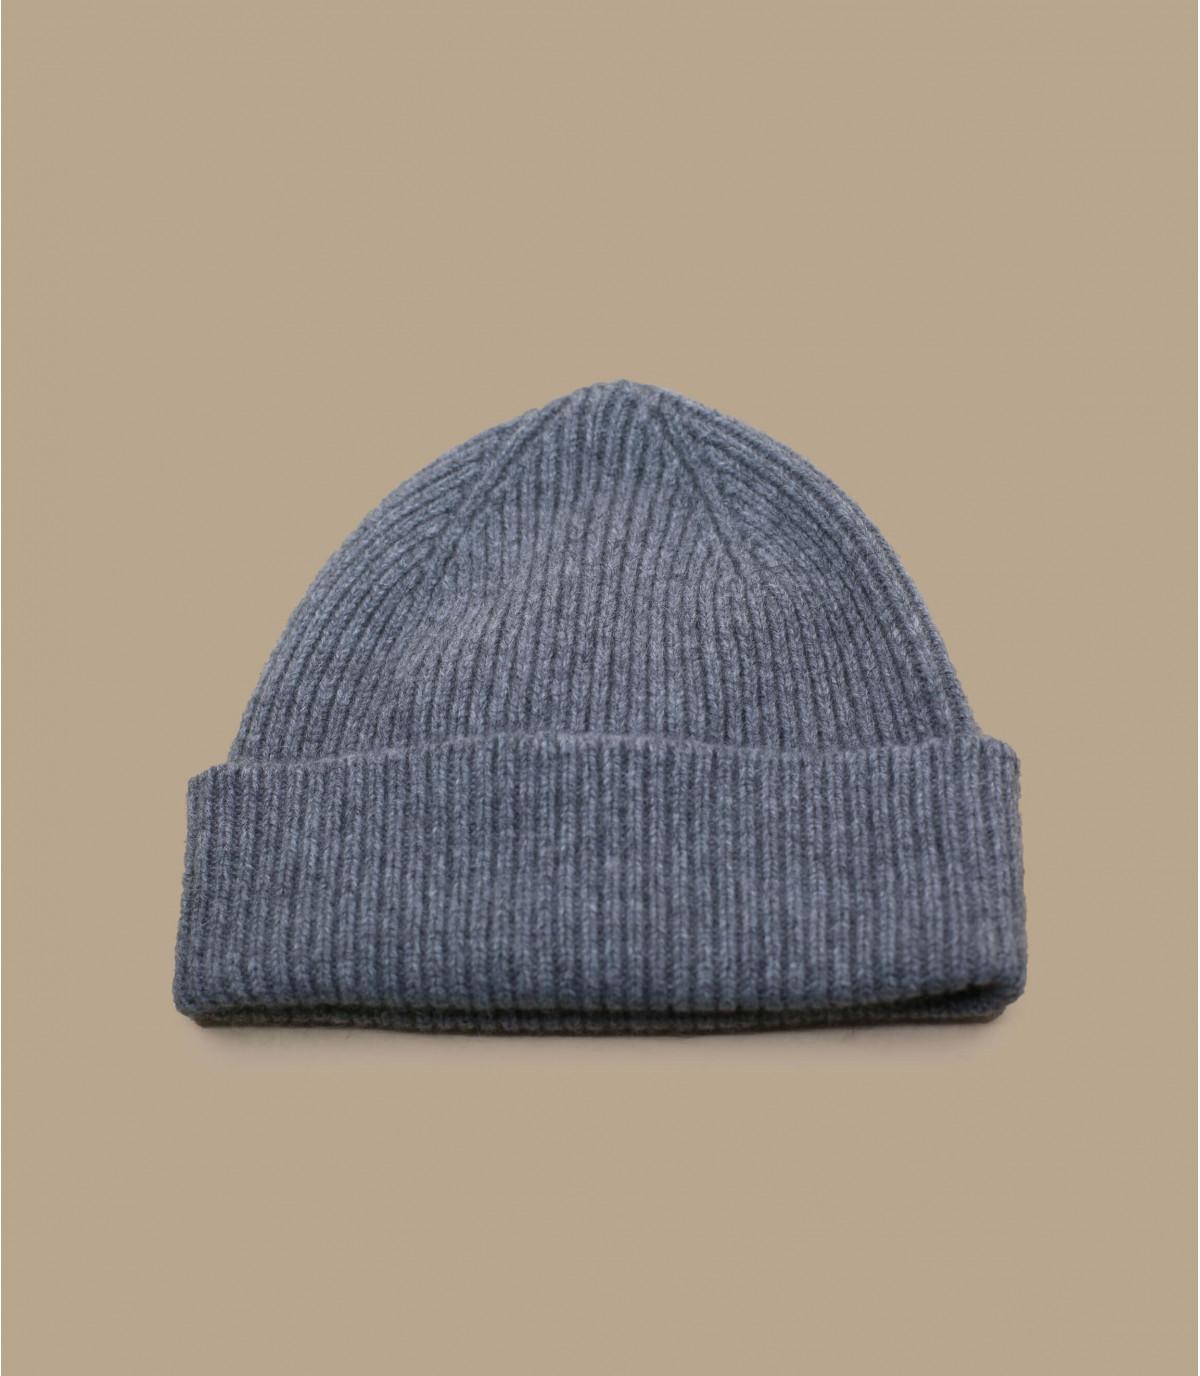 cappello bavero grigio angora